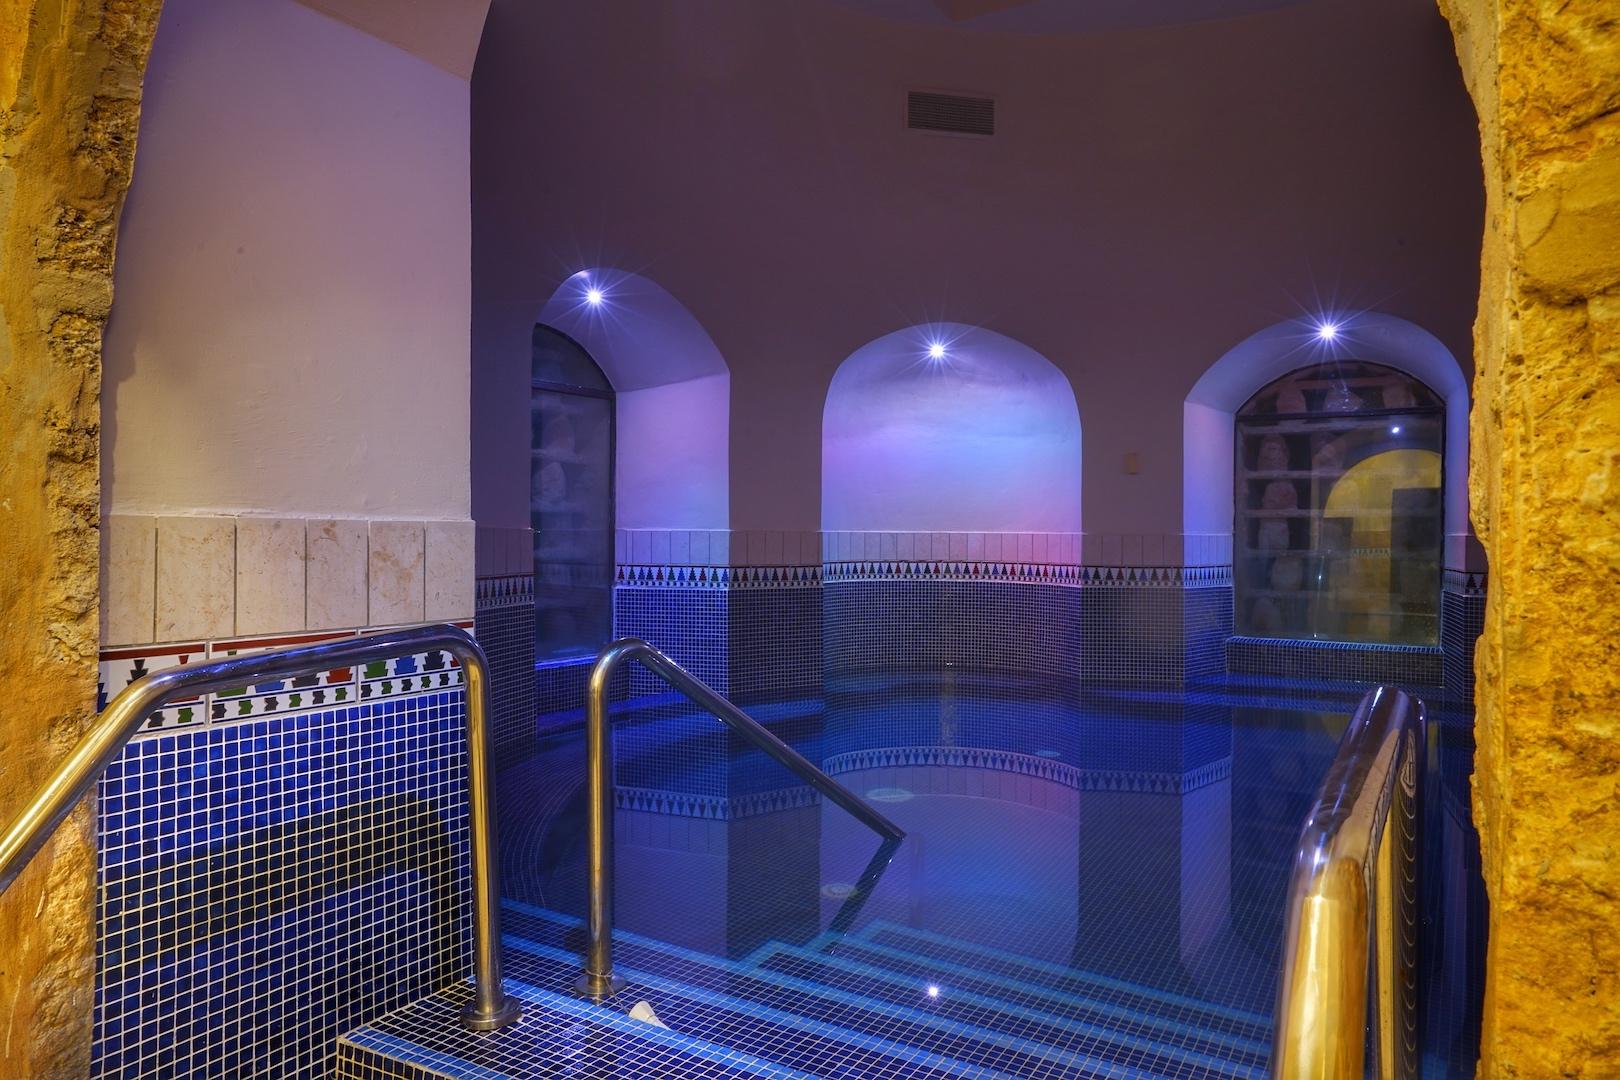 Der Dead Sea Pool ist eine Oase der Schwerelosigkeit durch die 25 bis 28 prozentige Salzkonzentration des Wassers /